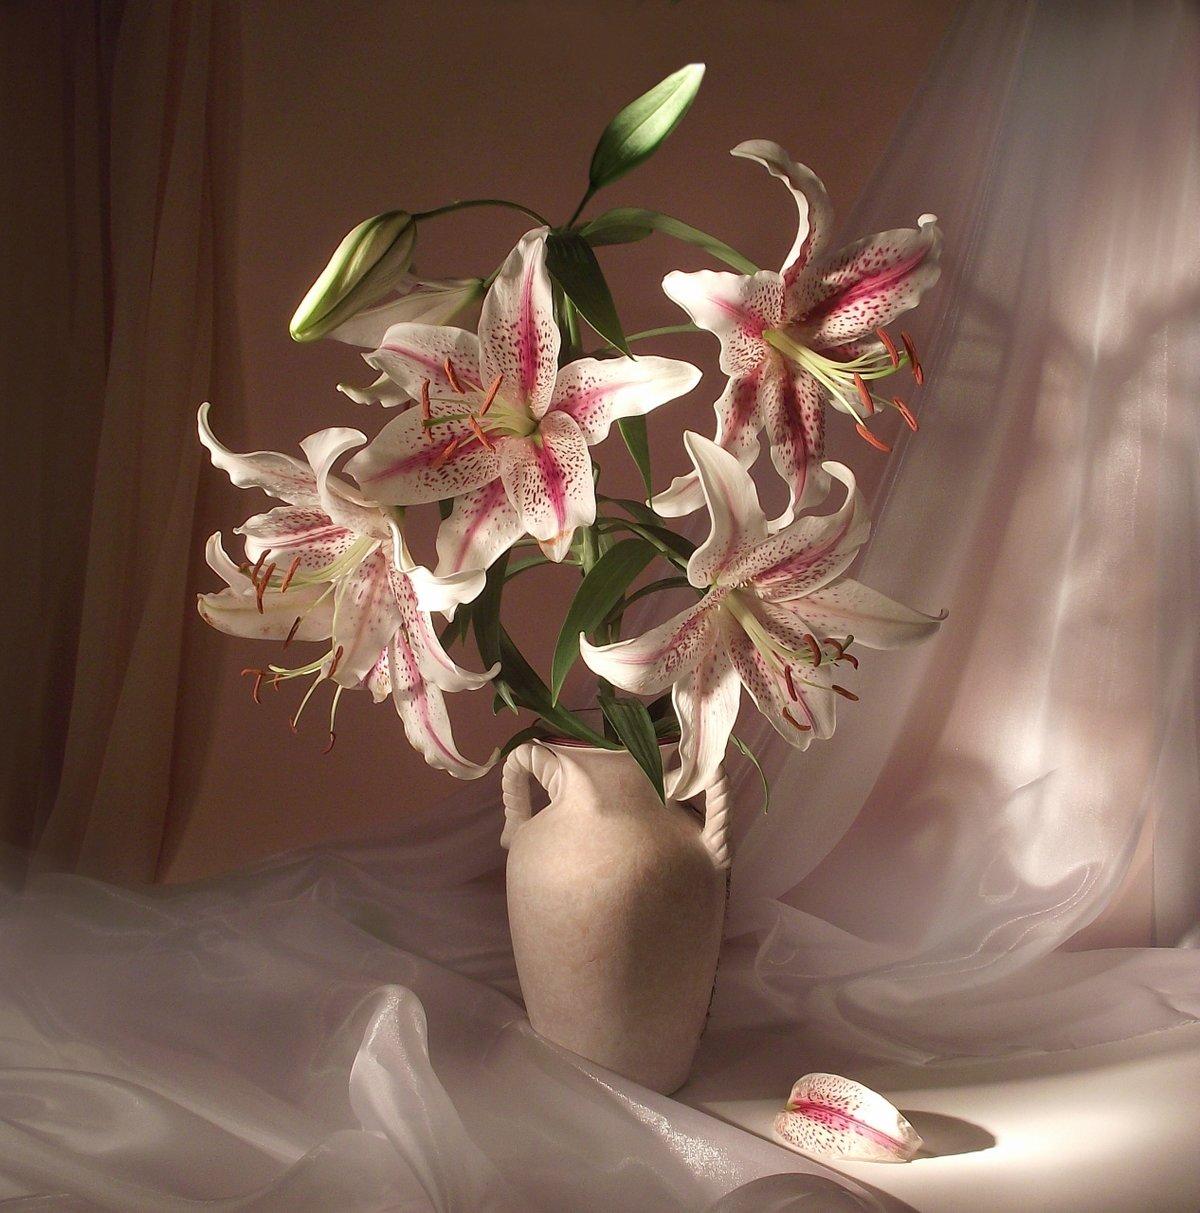 художественные фото цветы лилии острова это один